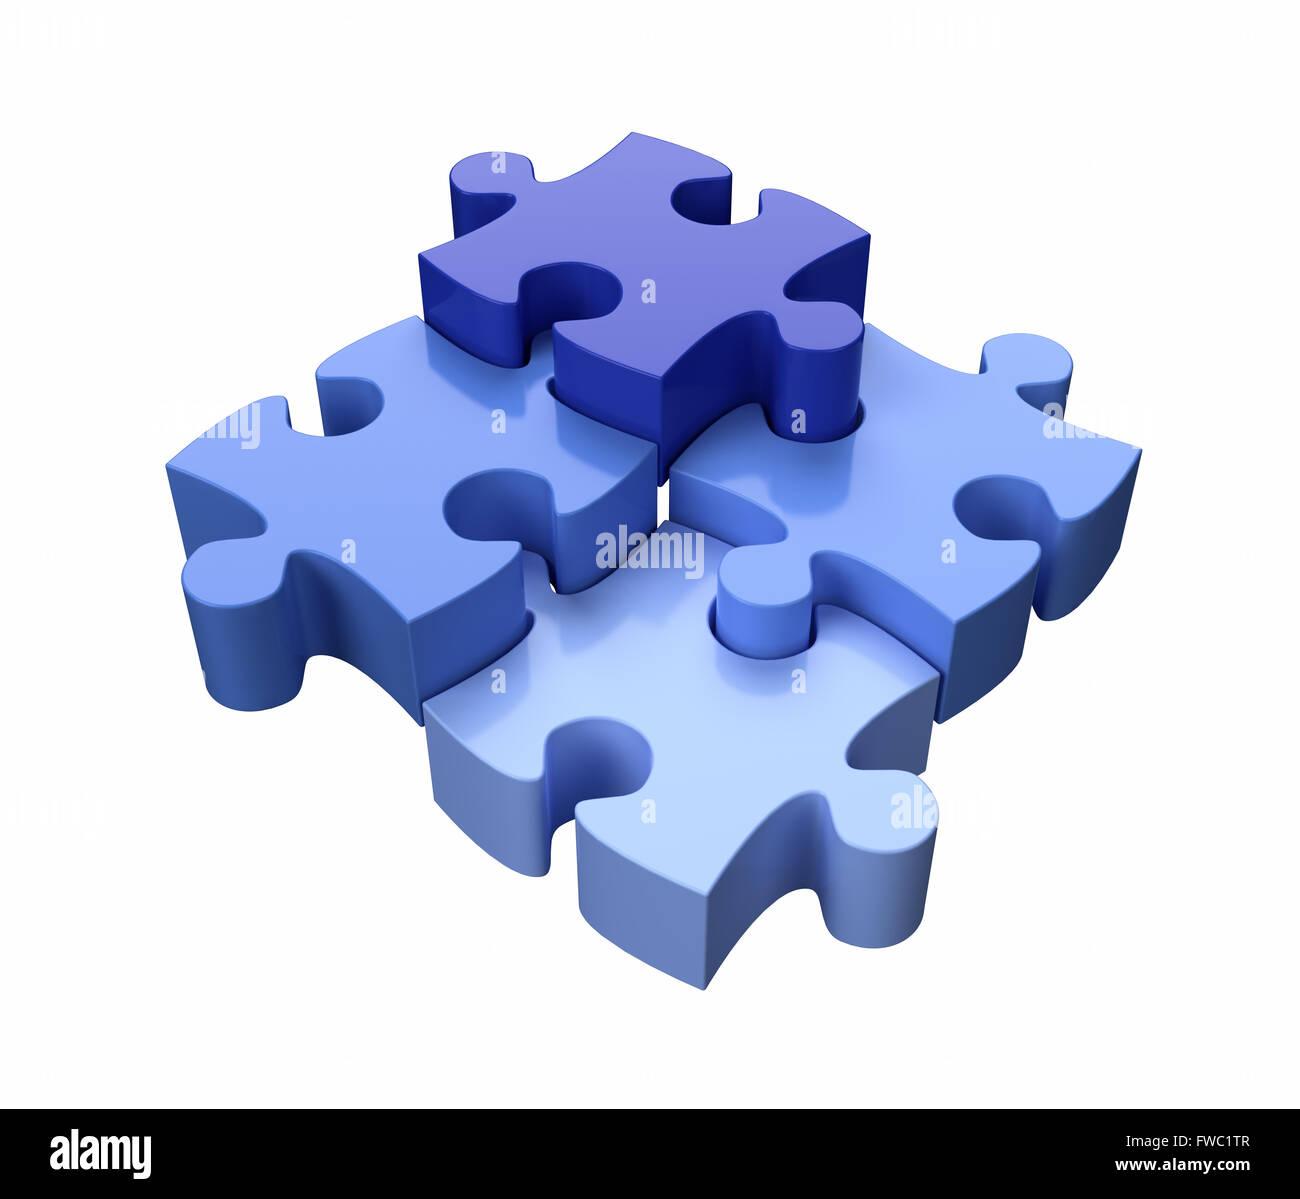 Quattro Puzzle pezzi blu su sfondo bianco Immagini Stock